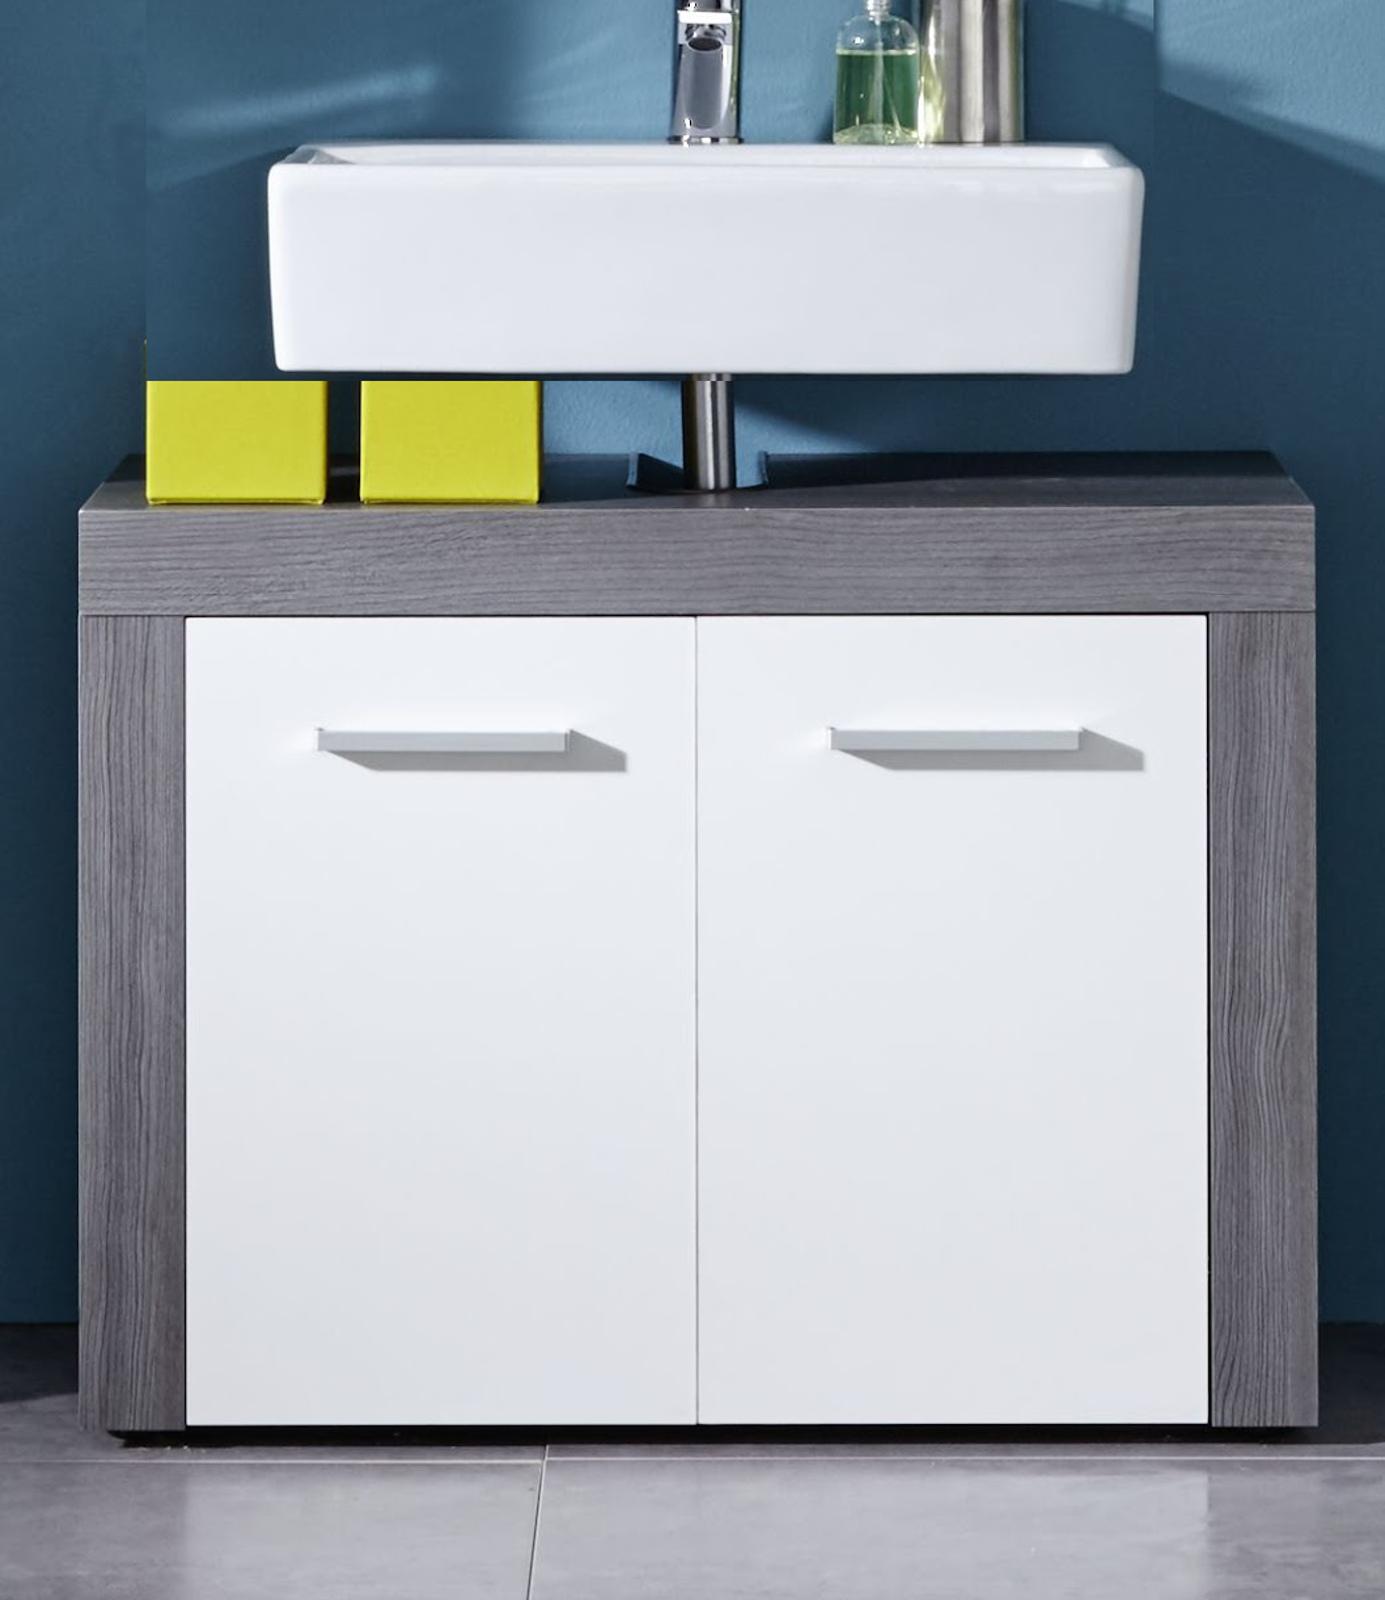 badm bel miami wei sardegna g nstig online kaufen. Black Bedroom Furniture Sets. Home Design Ideas